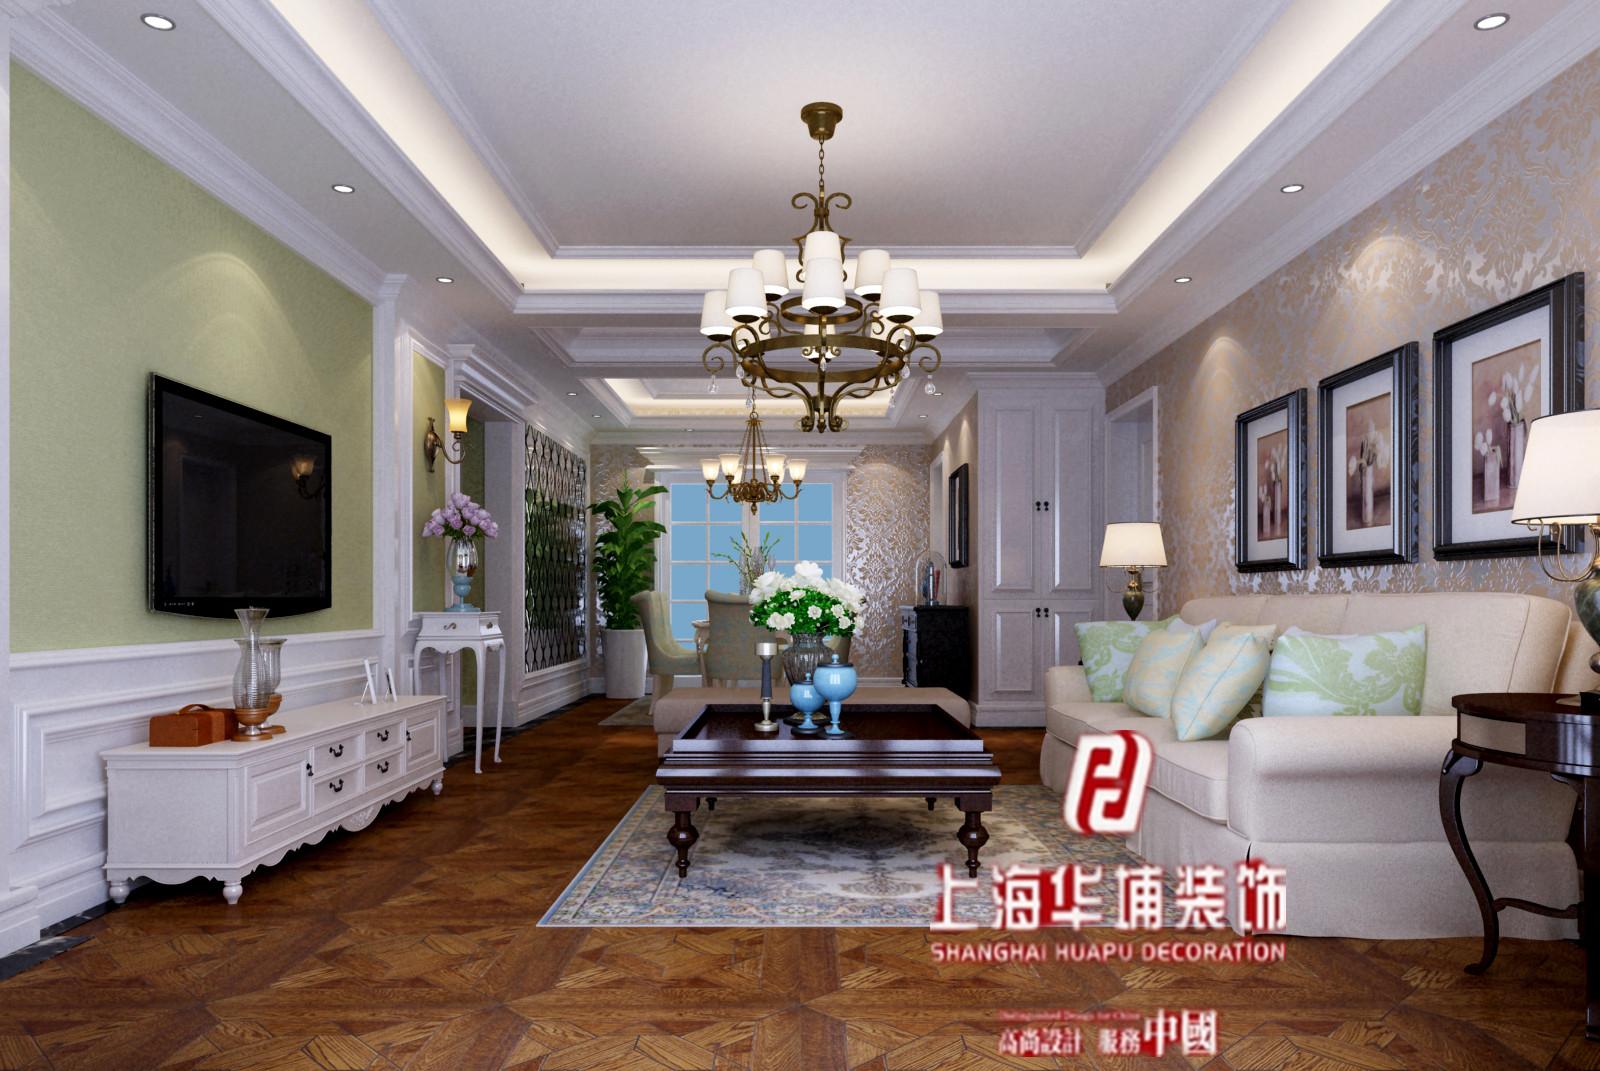 混搭 客厅图片来自上海华埔装饰郑州西区运营中心在西雅图89平装修效果图的分享